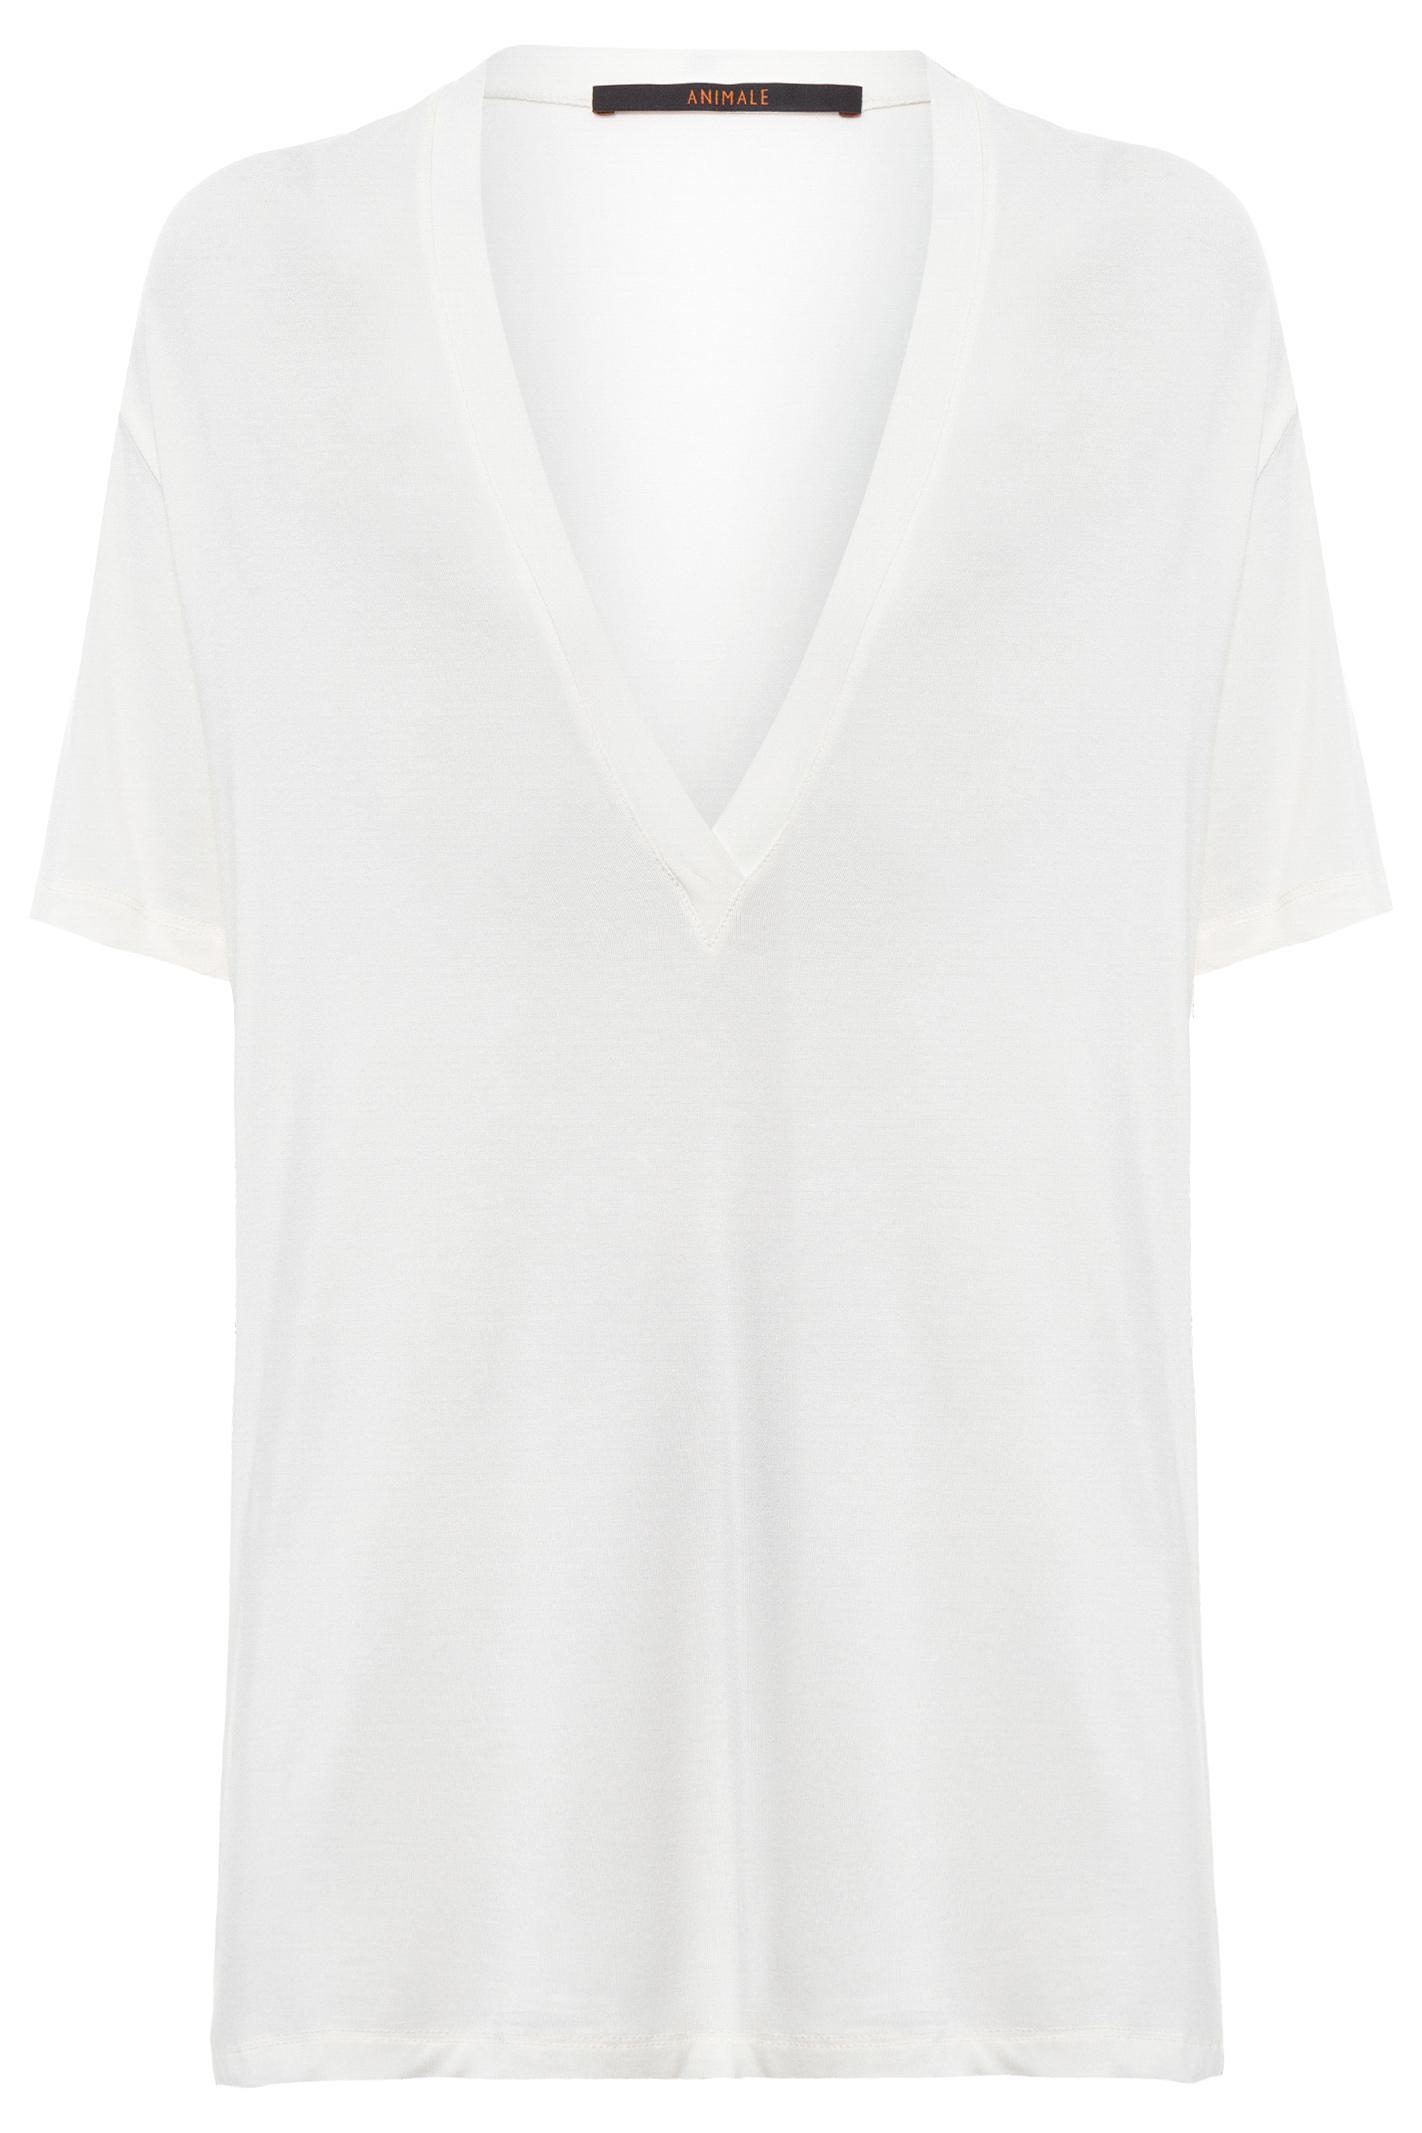 T-Shirt Decote Super V